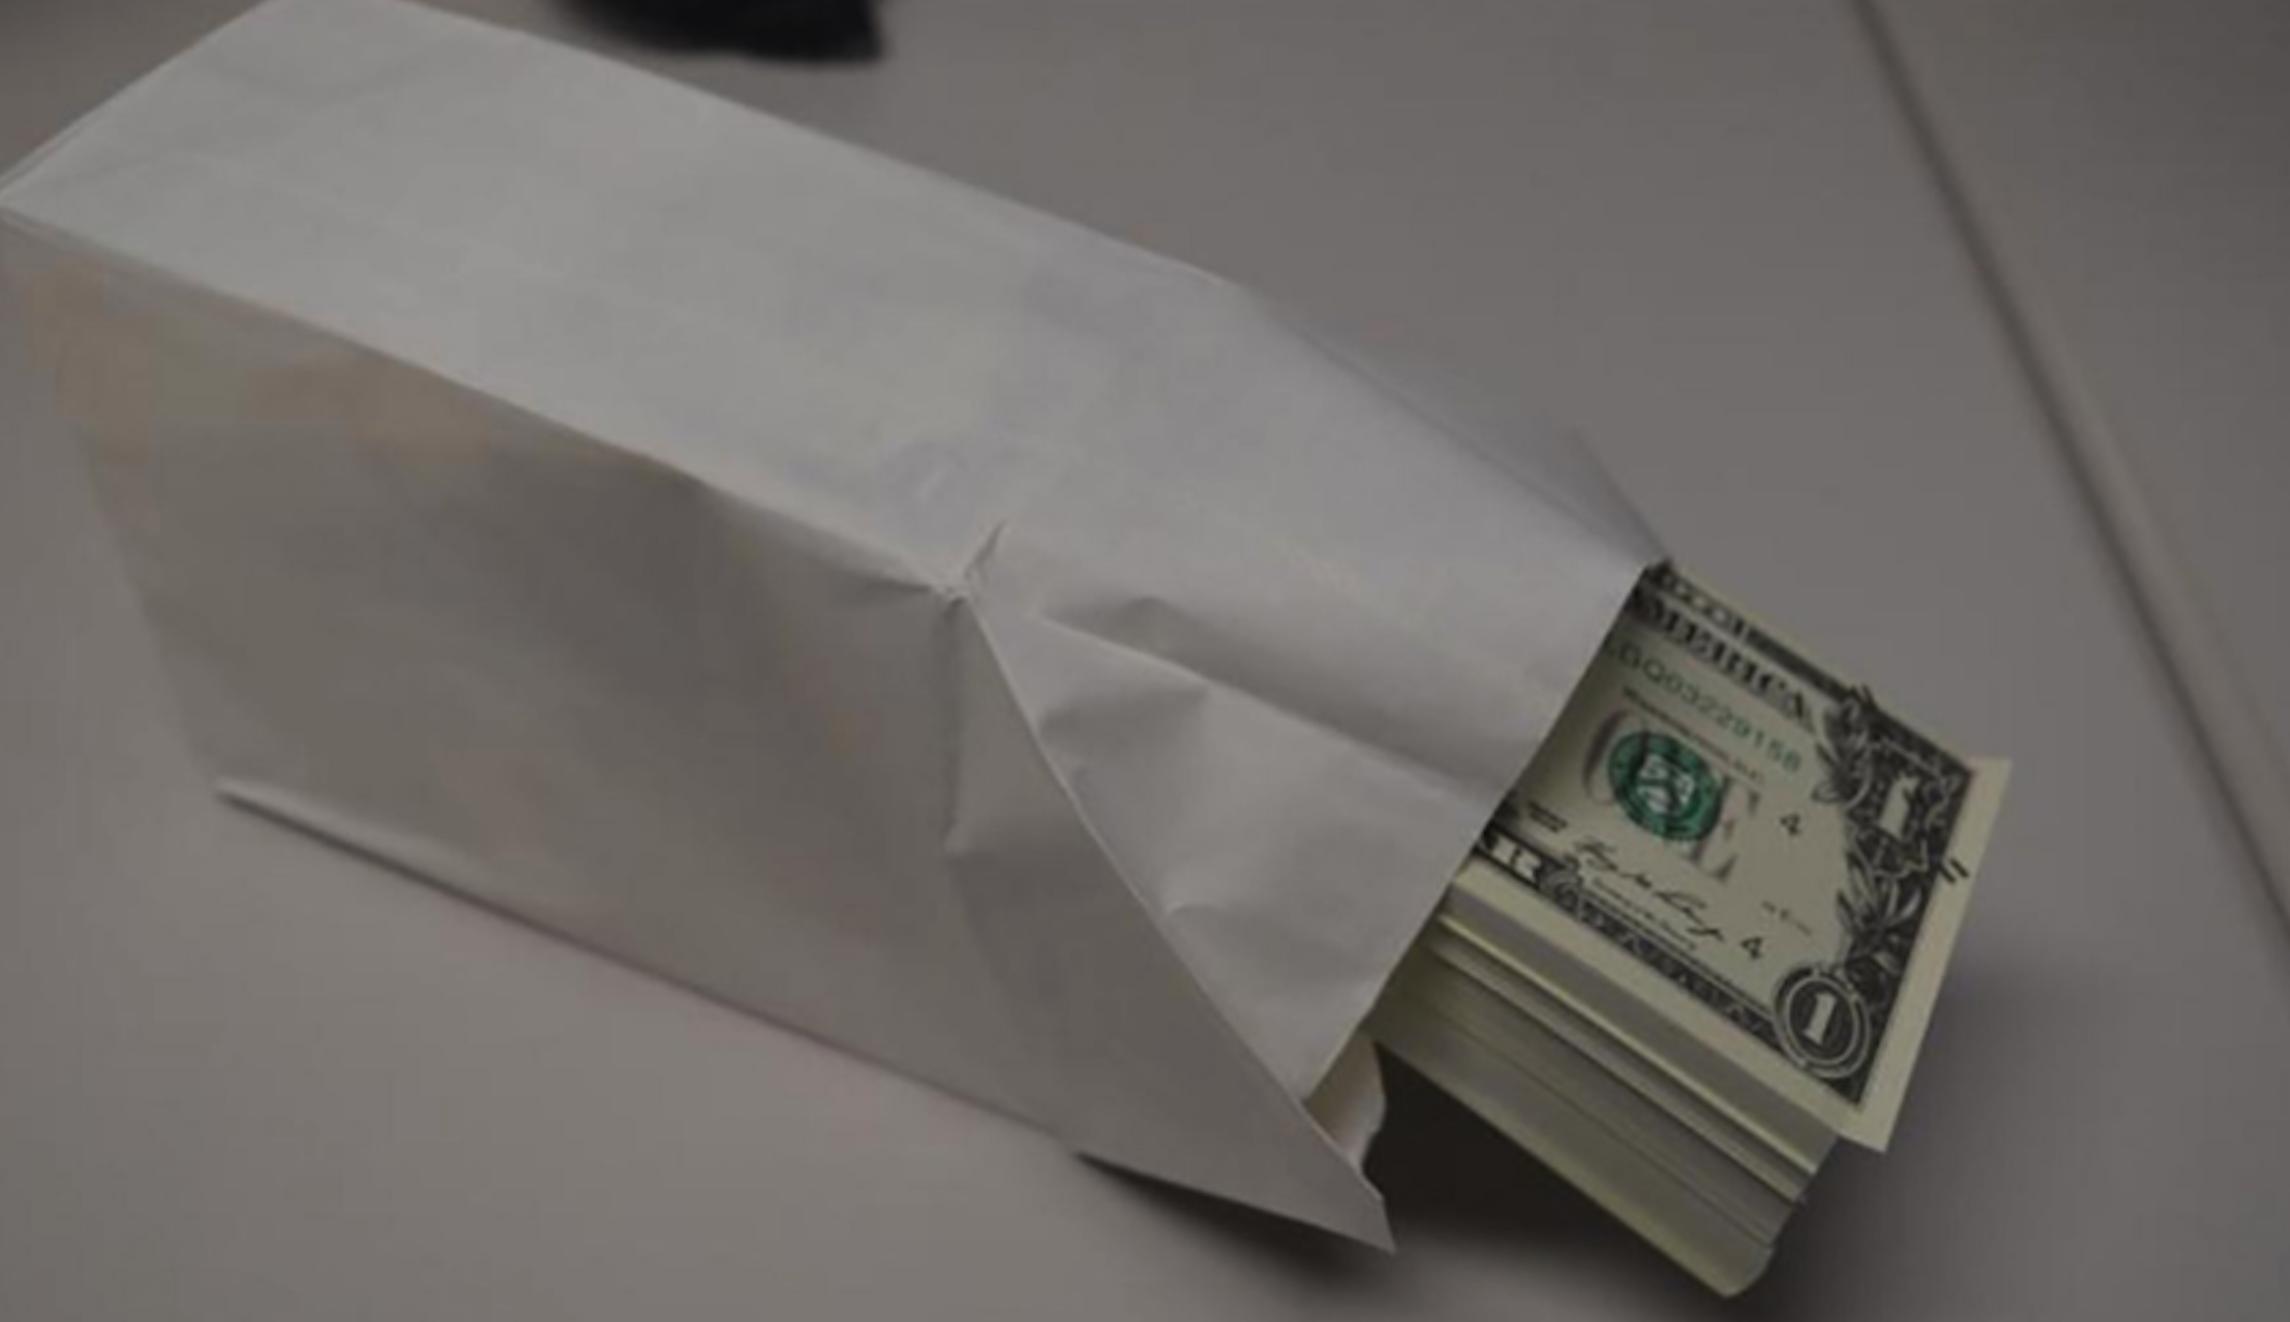 Counterfeit $1 bills